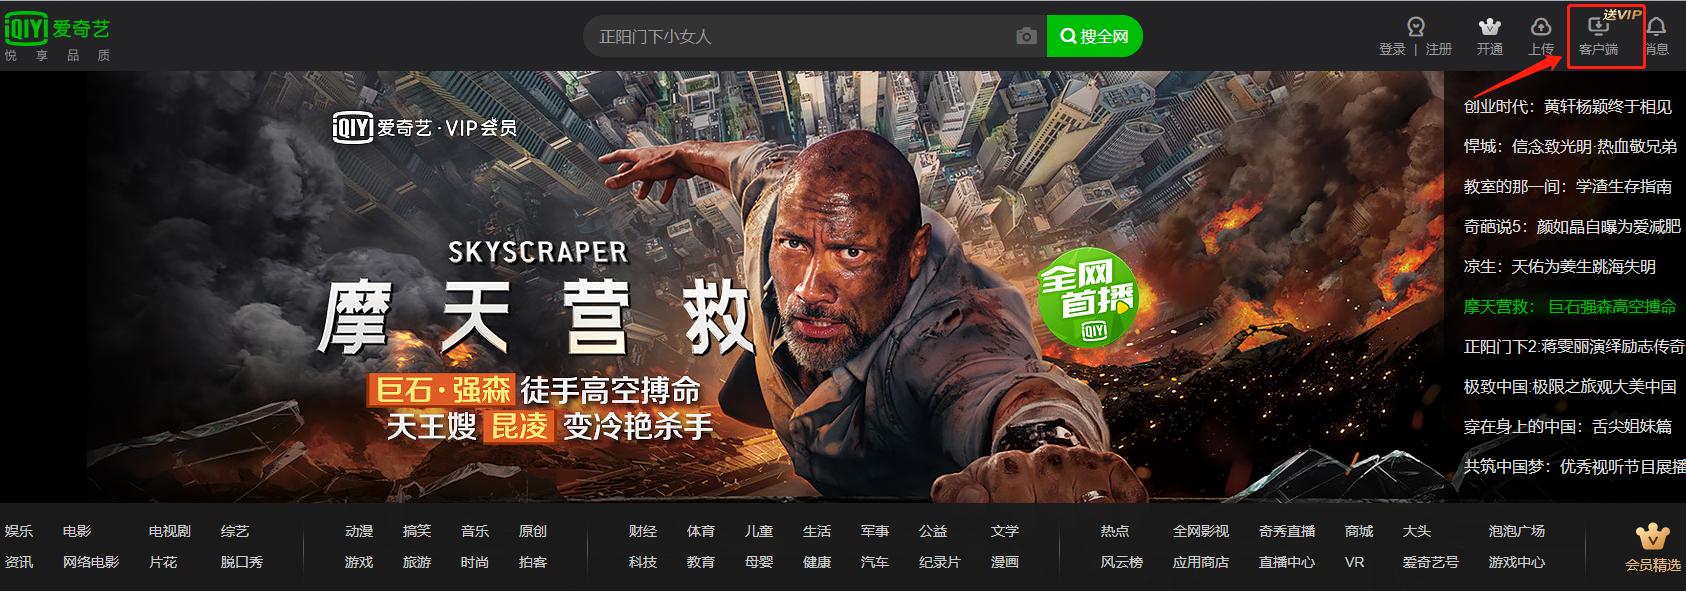 まずiQiyiの公式サイトを開き、「クライアント」をクリックしてダウンロードします